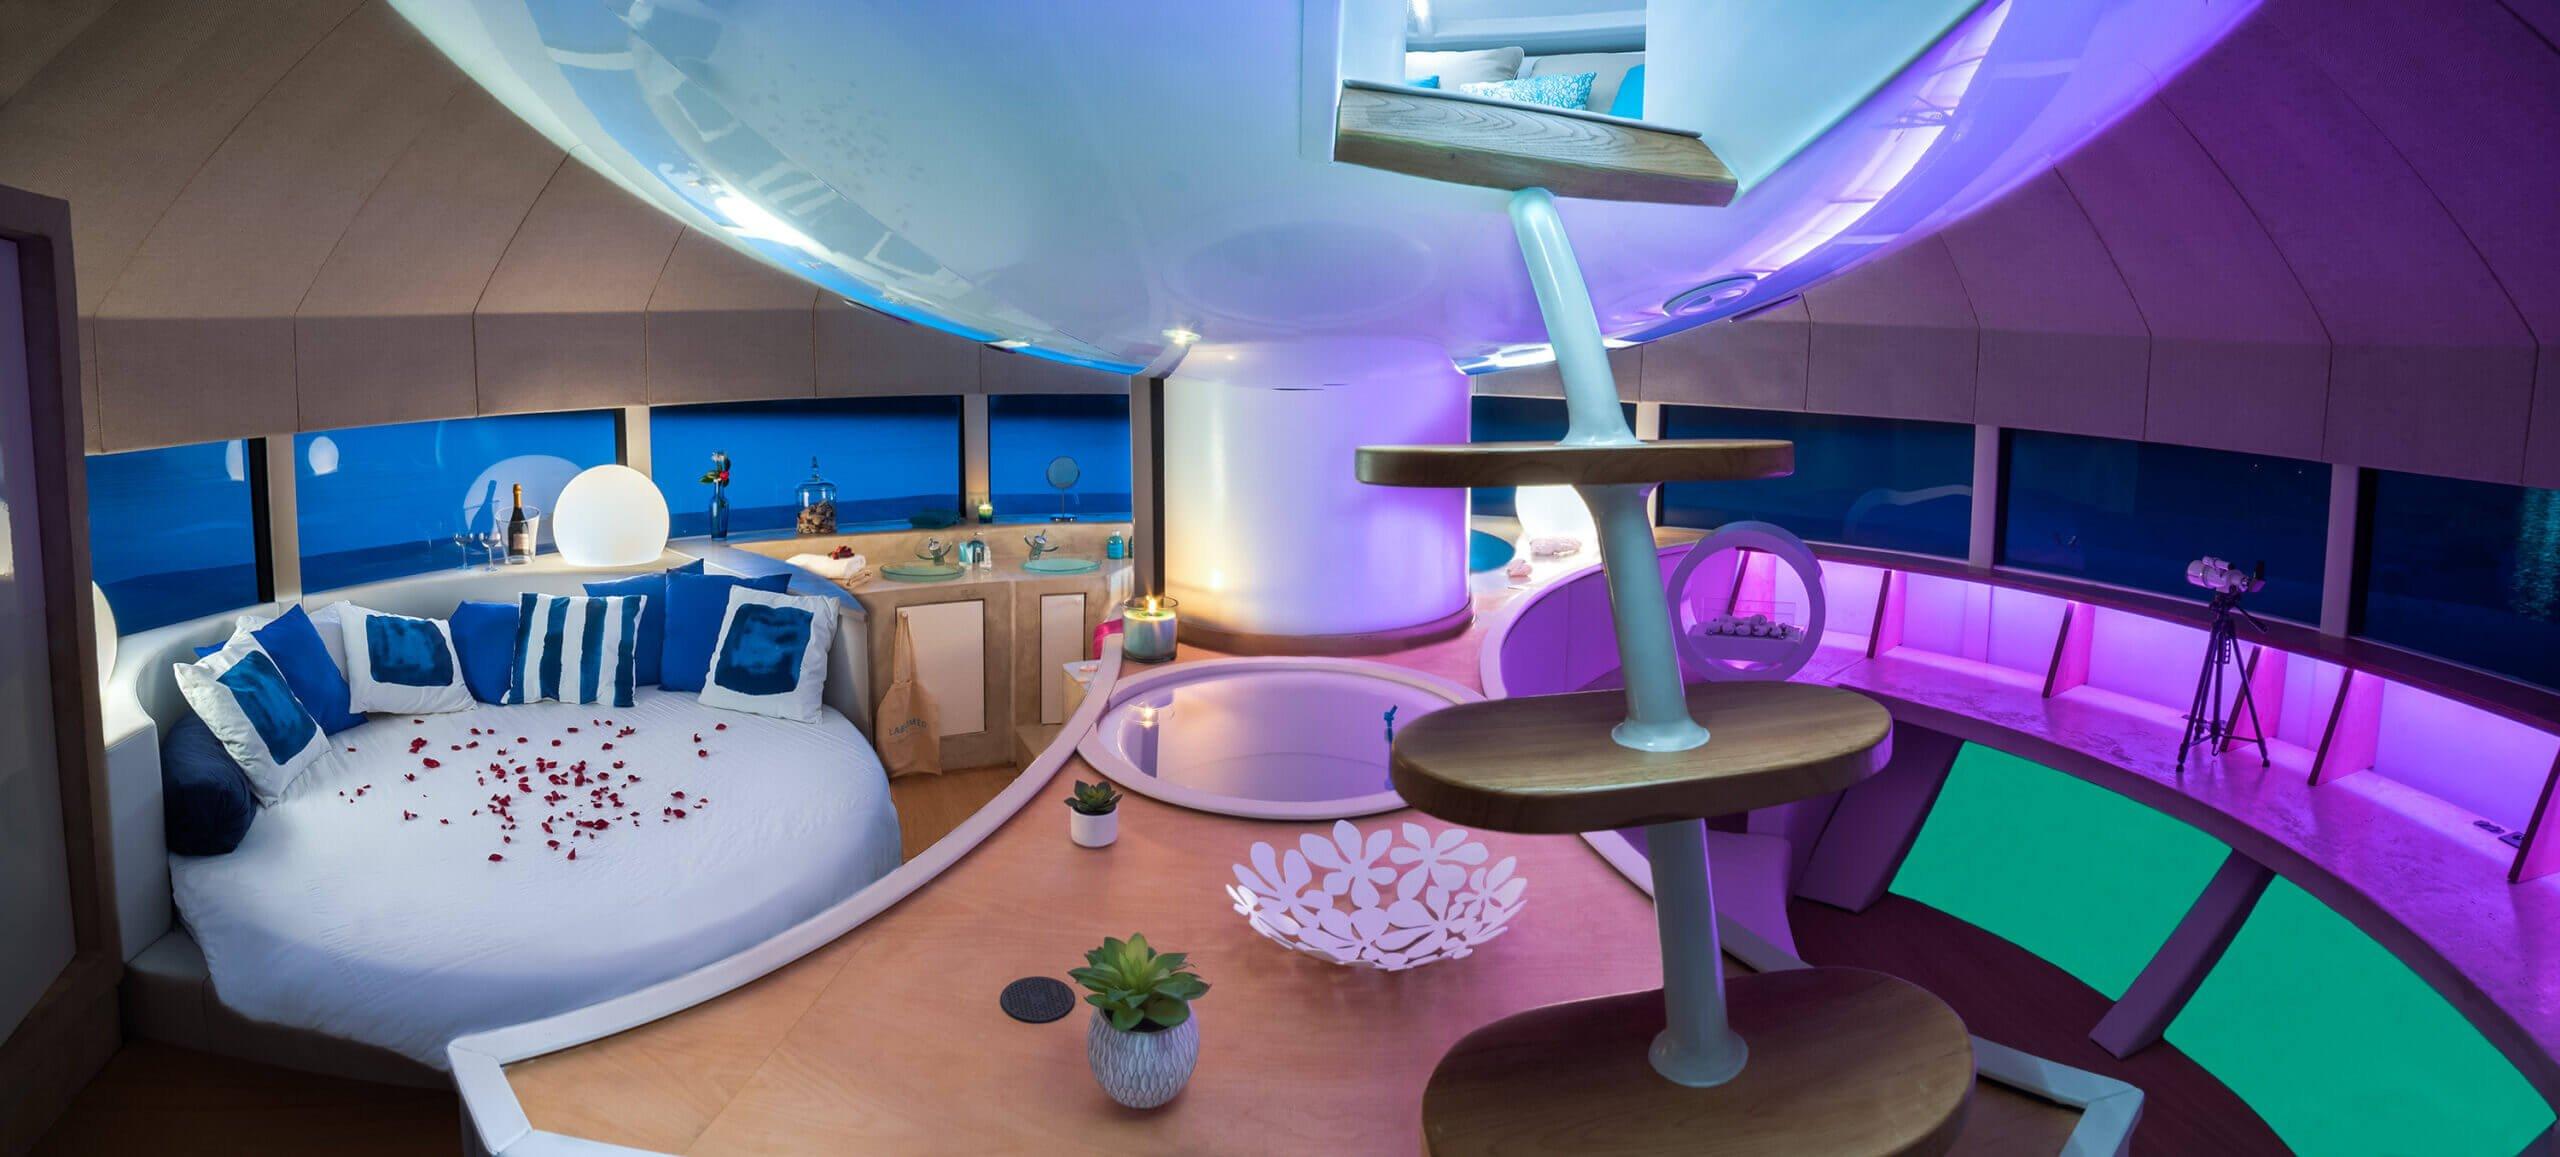 Athenae floating hotel